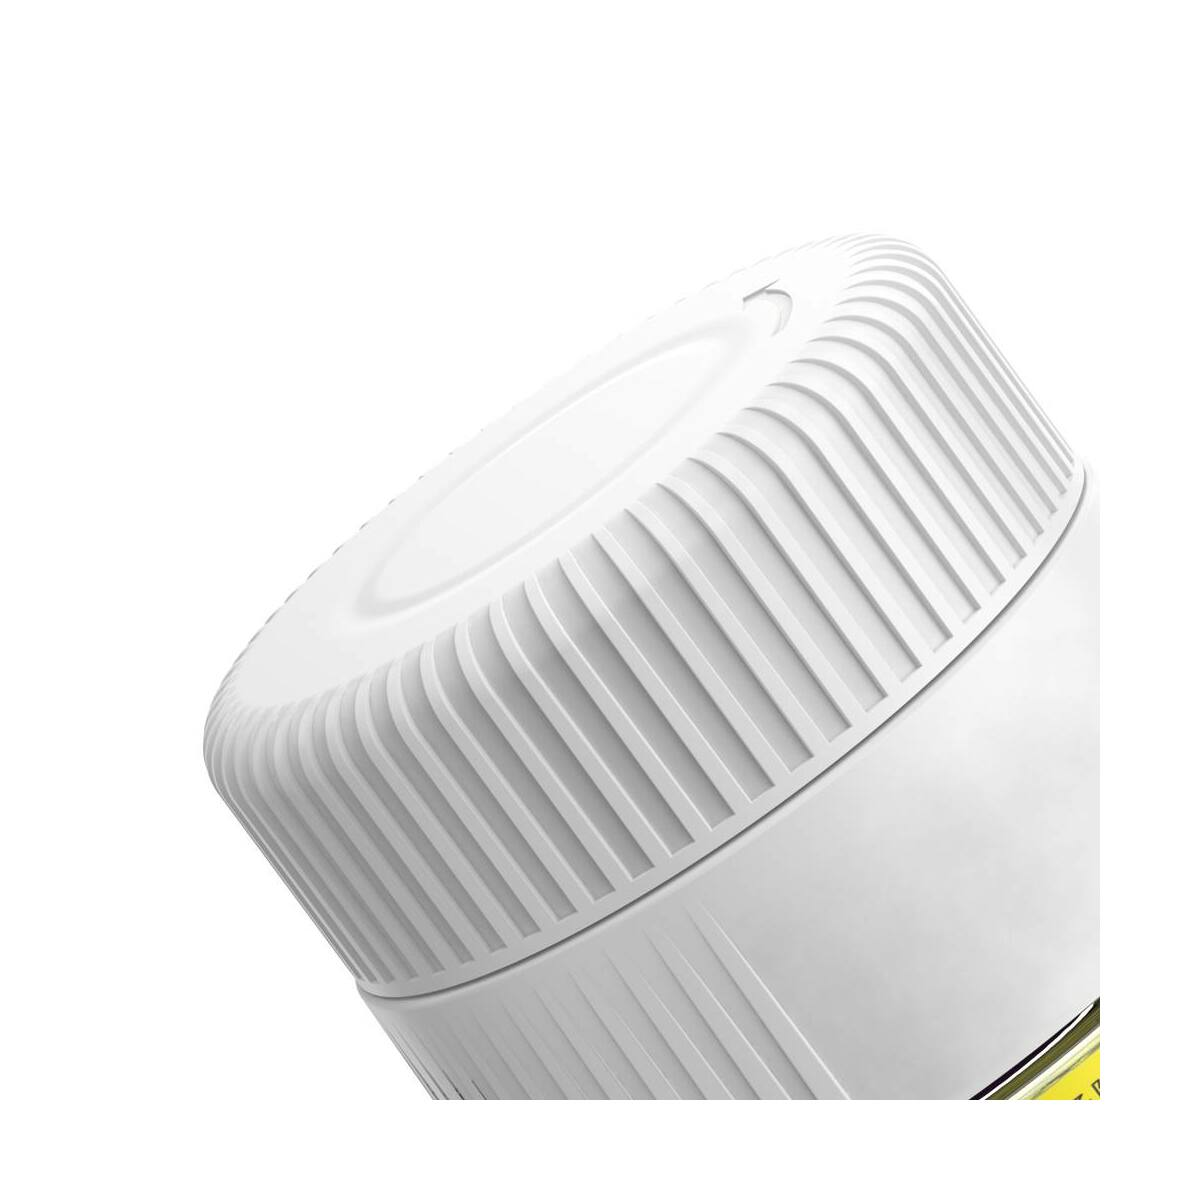 Baseus autós kiegészítő, Légtisztító és fertőtlenítő, mikromulekurális baktérium eltávolító, utántöltő, 100ml, átlátszó (CRSJCCJ-01)